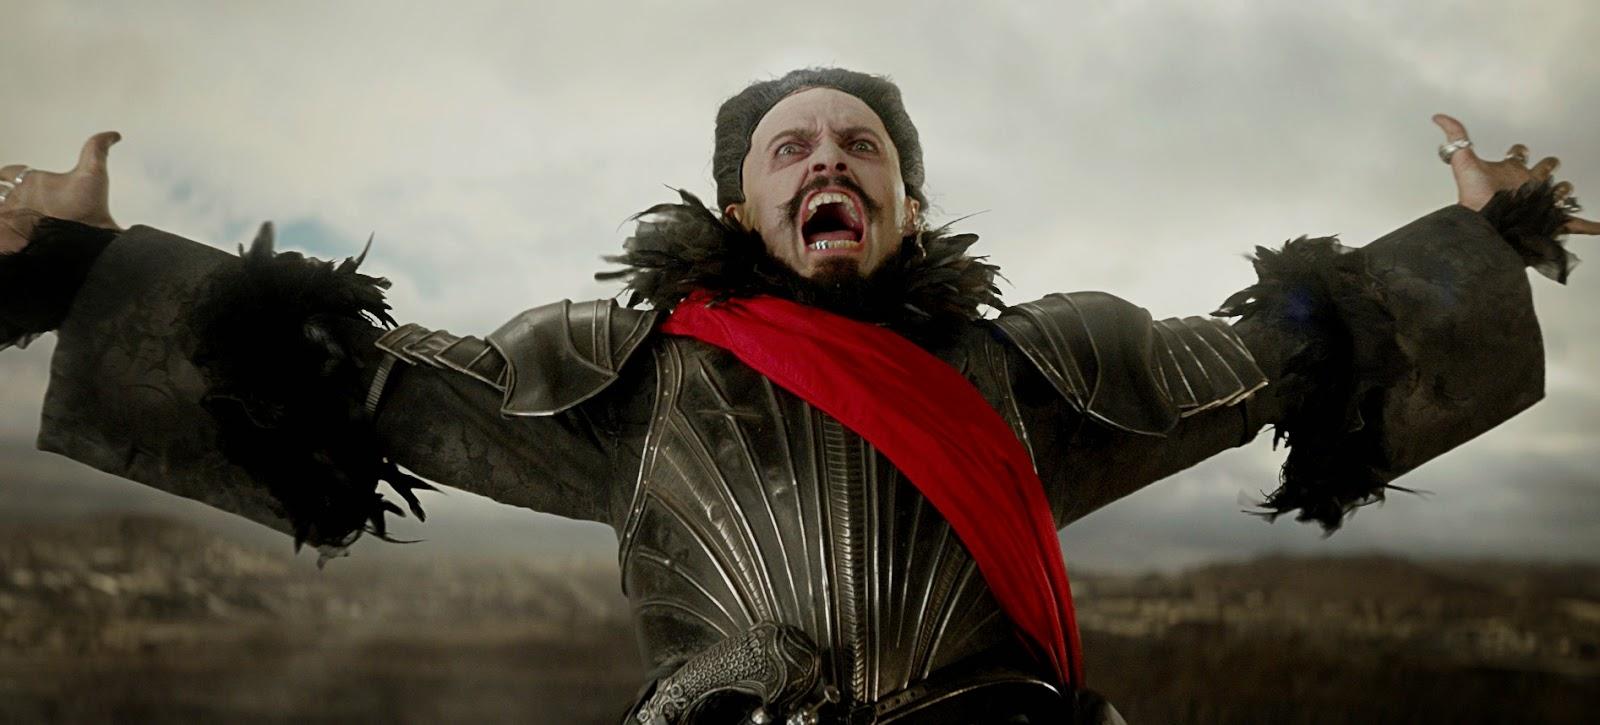 PAN | Warner Bros adia lançamento da adaptação com Hugh Jackman em 3 meses